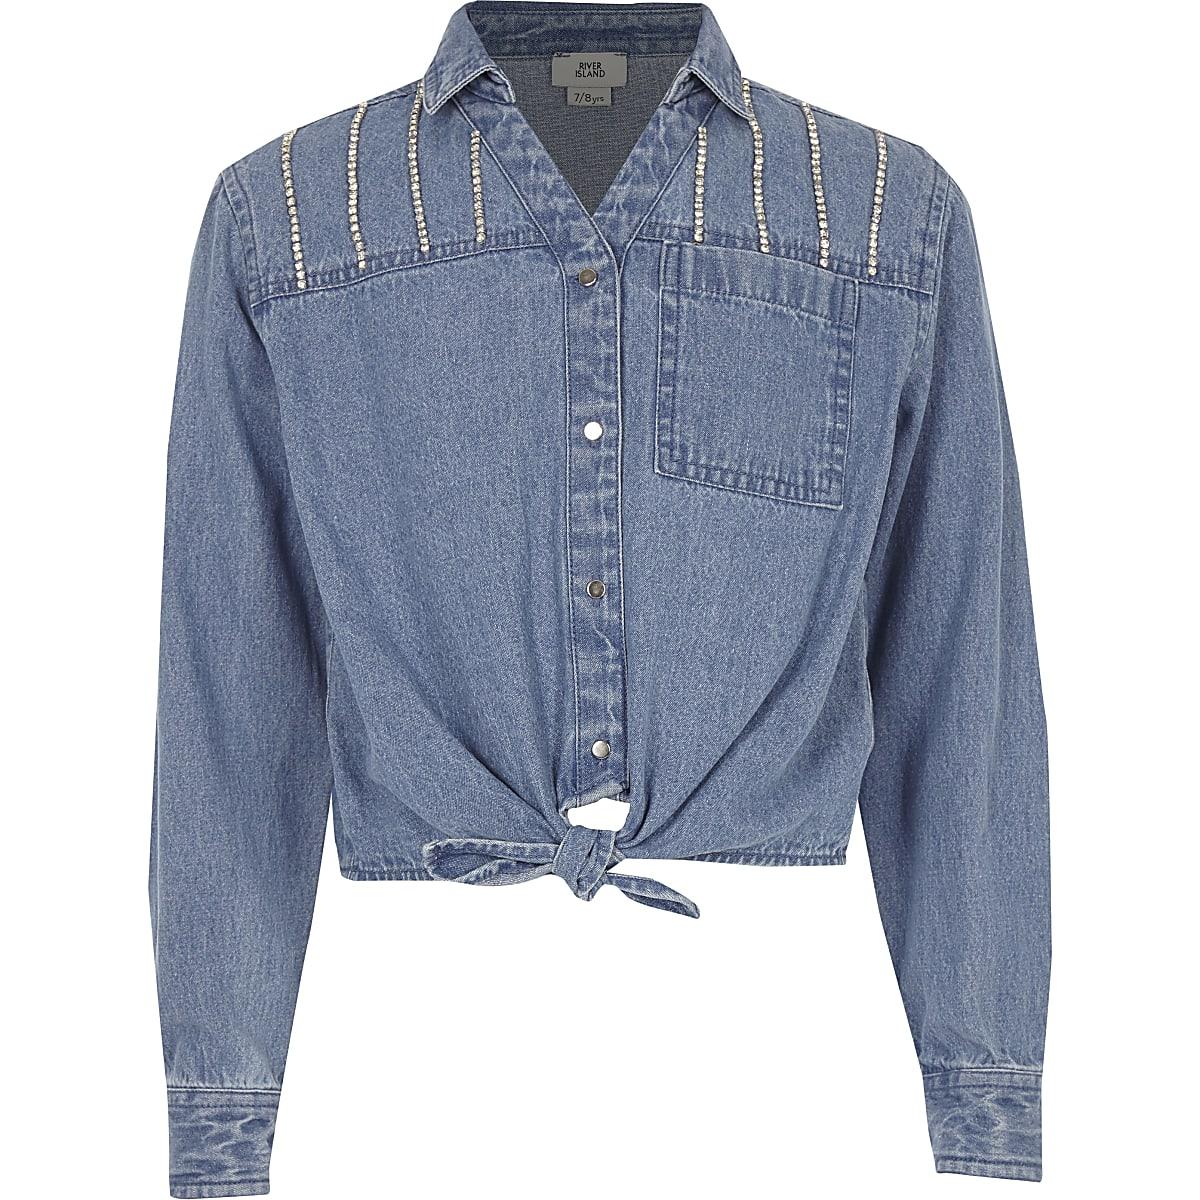 Girls blue rhinestone button-up tie shirt